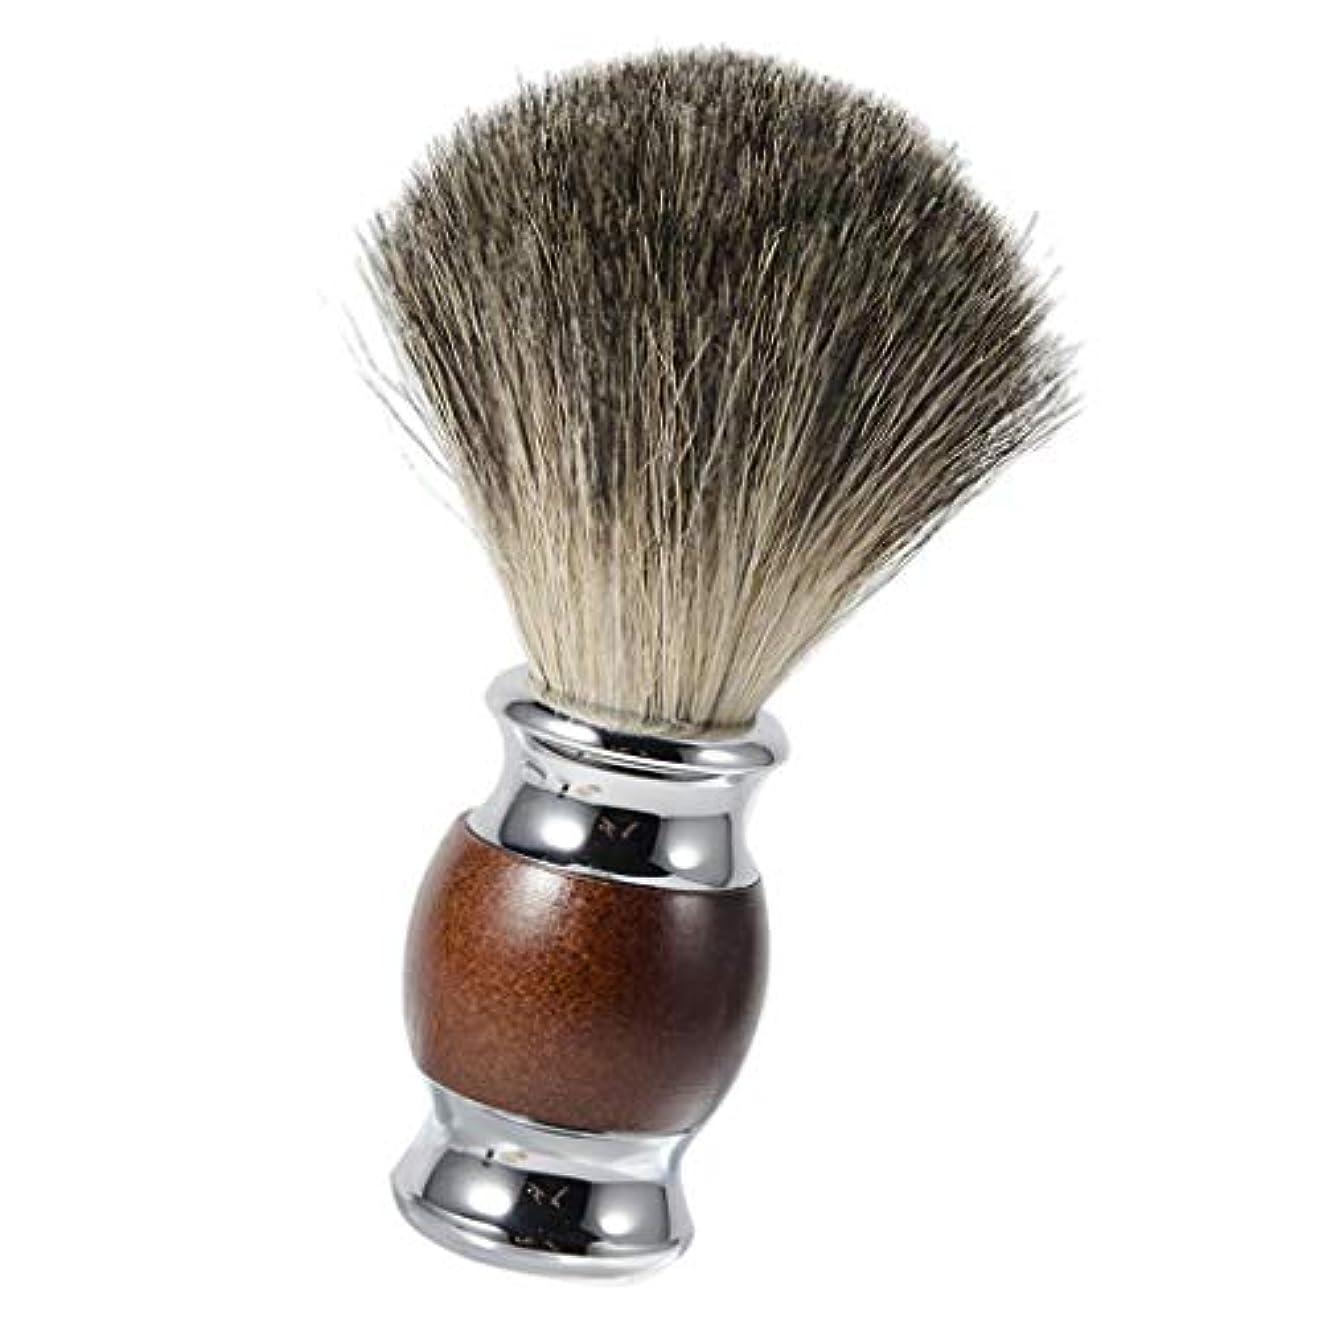 我慢する探偵資源シェービング用ブラシ シェービングブラシ メンズ 理容 洗顔 髭剃り シェービング用アクセサリー